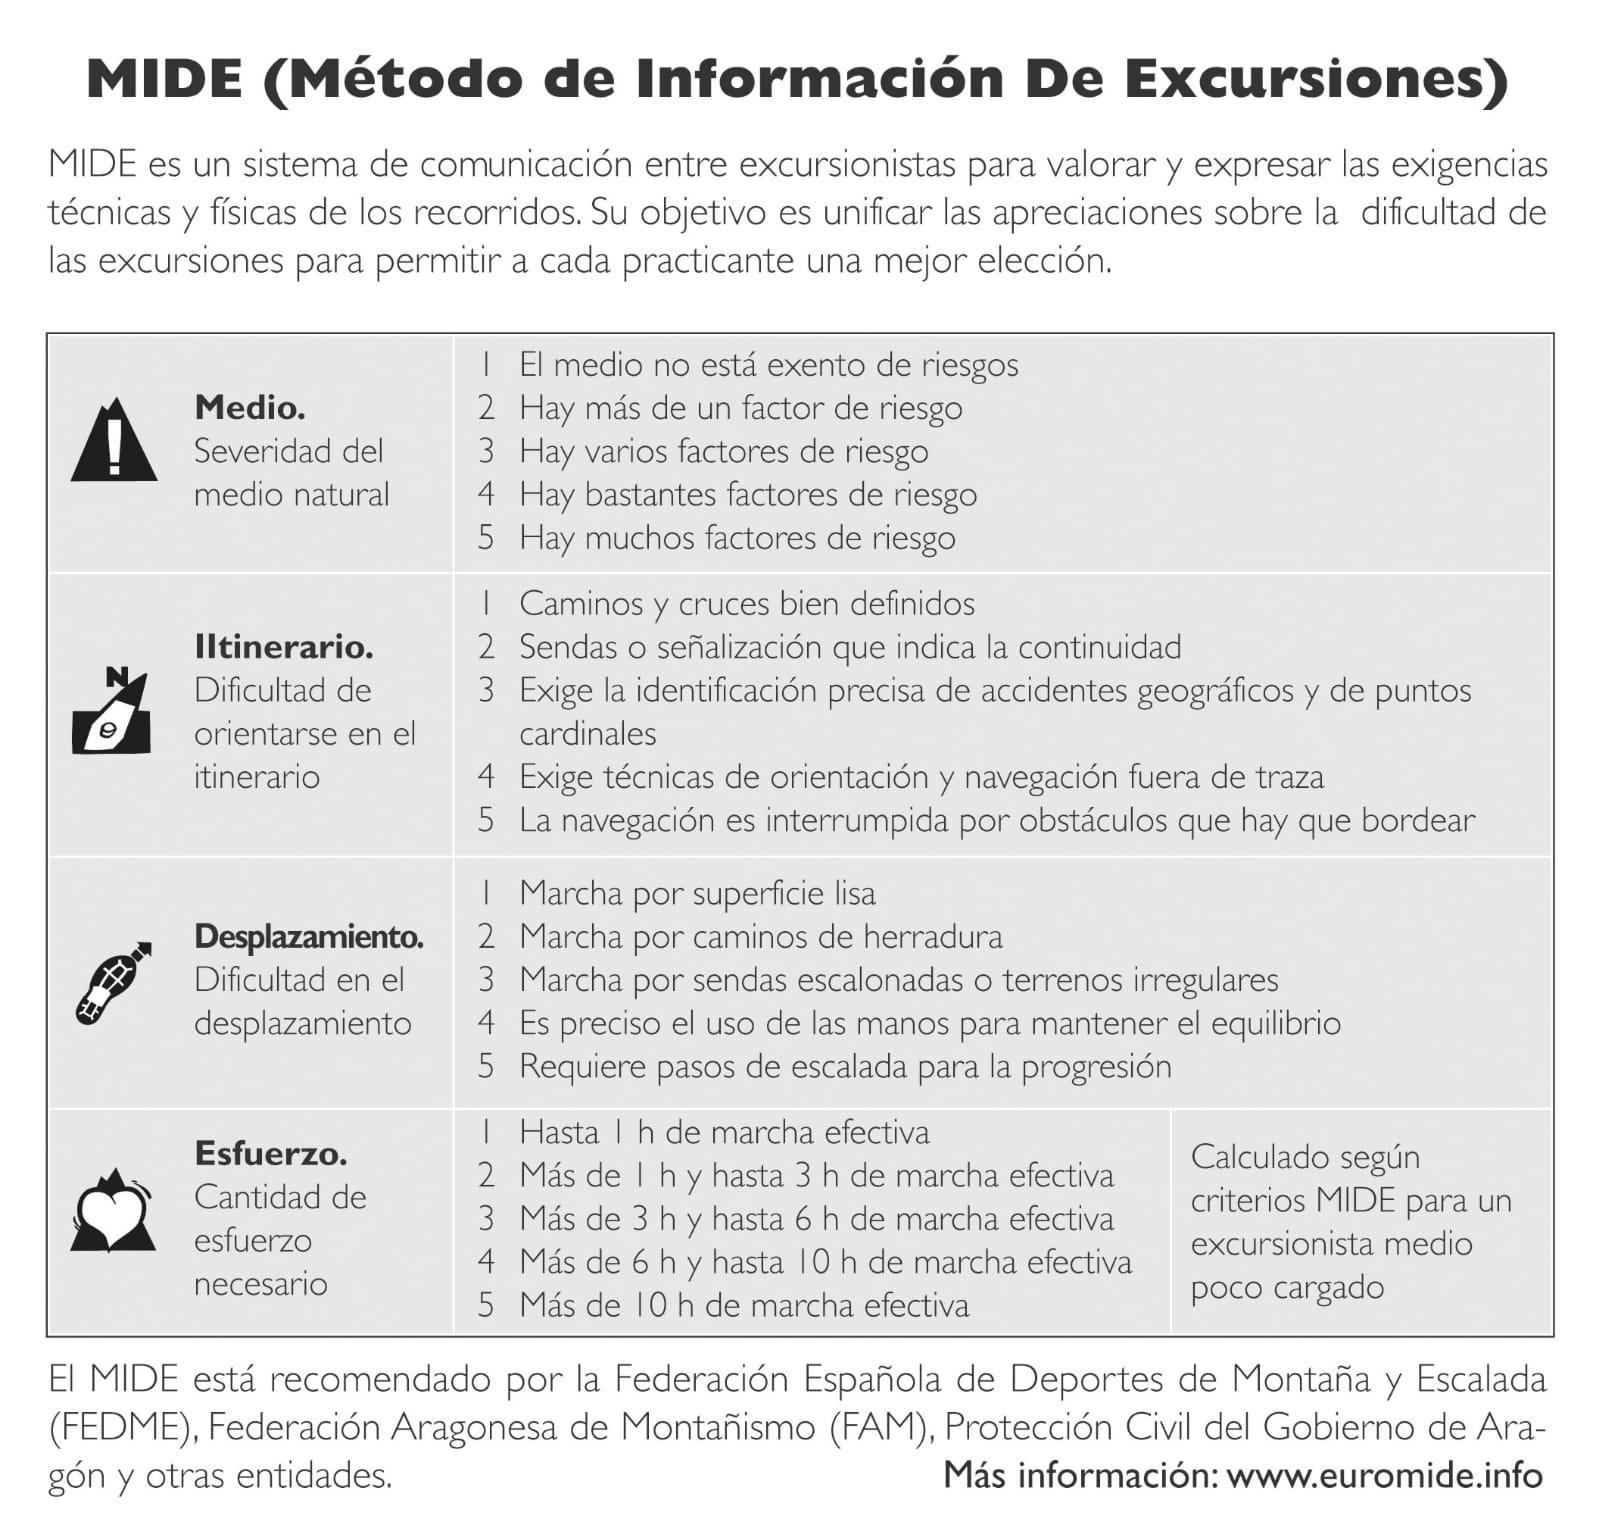 Método de Información de Excursiones